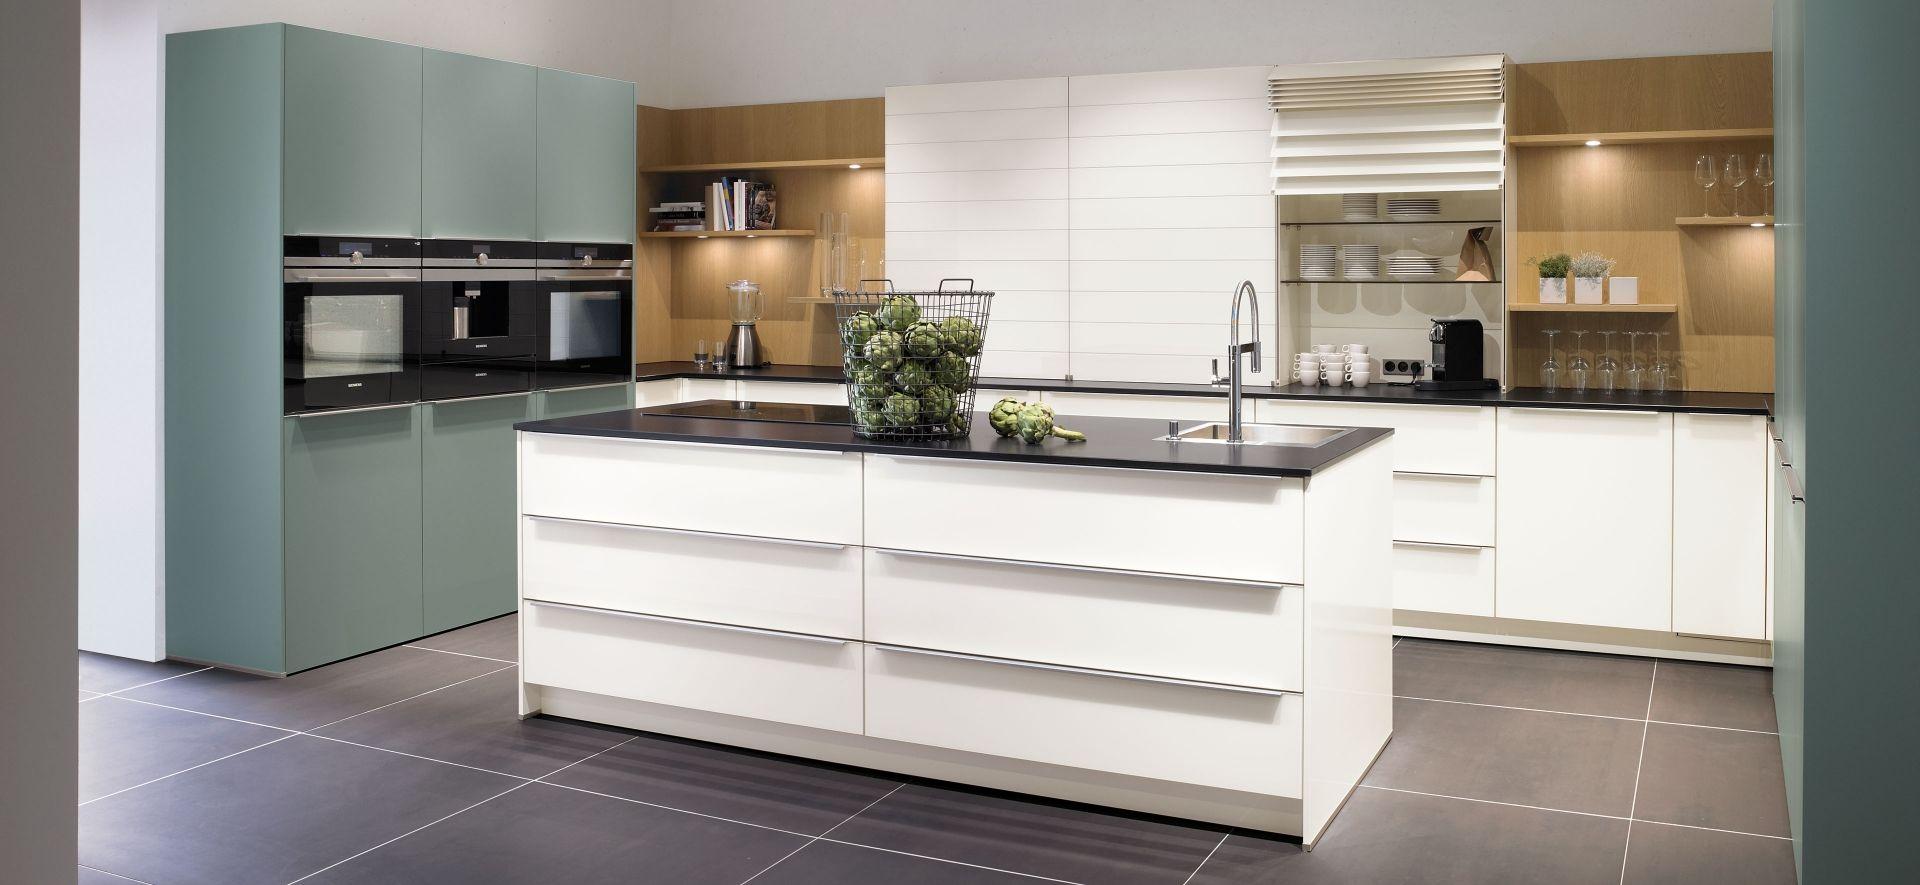 Marquardt Küchen Inselküche Glas Glanzweiß und Fjordblau